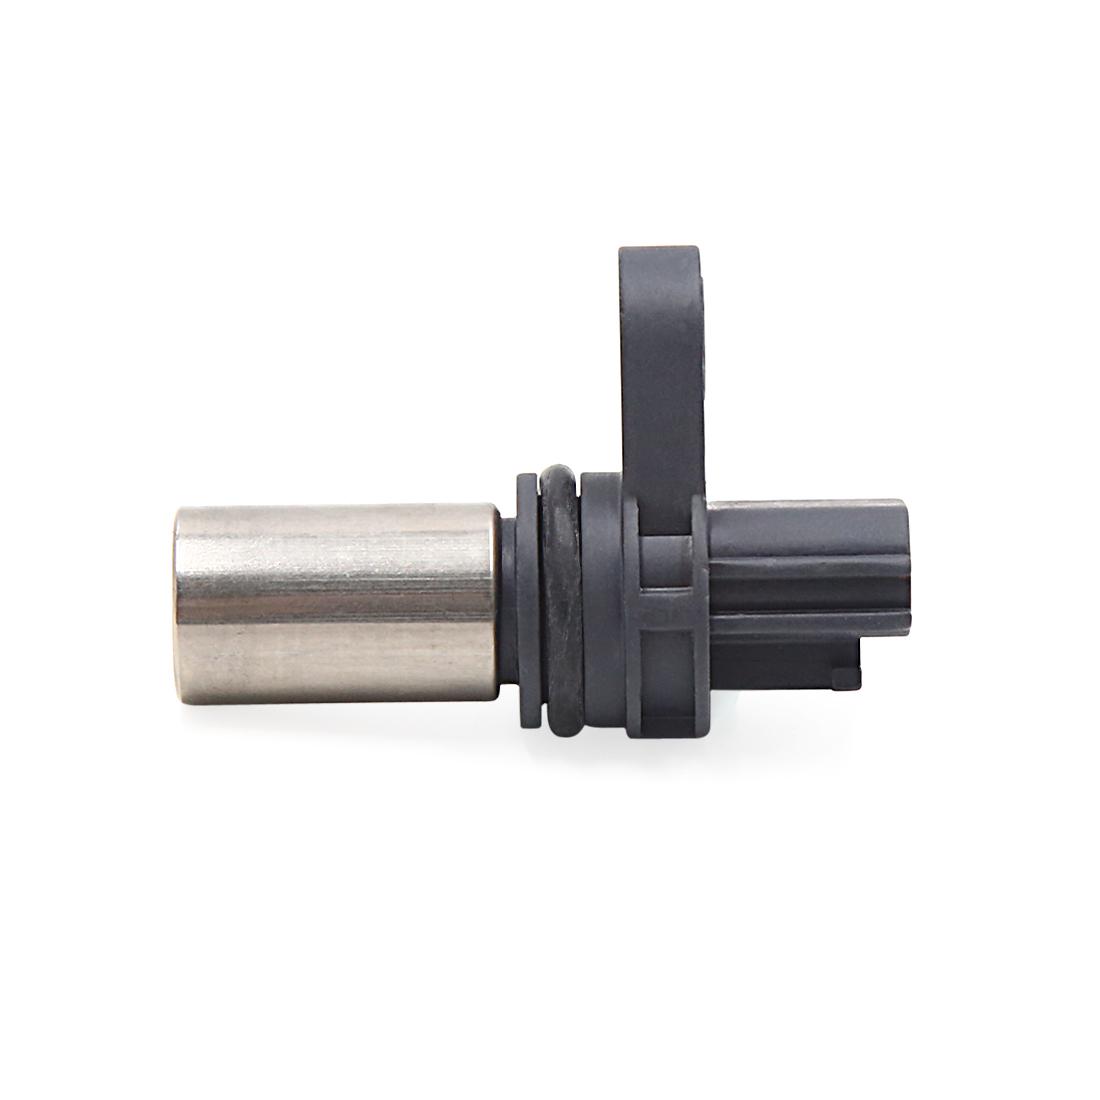 23731-6N21A SG1B101 Camshaft Crankshaft Position Sensor Fit for Nissan